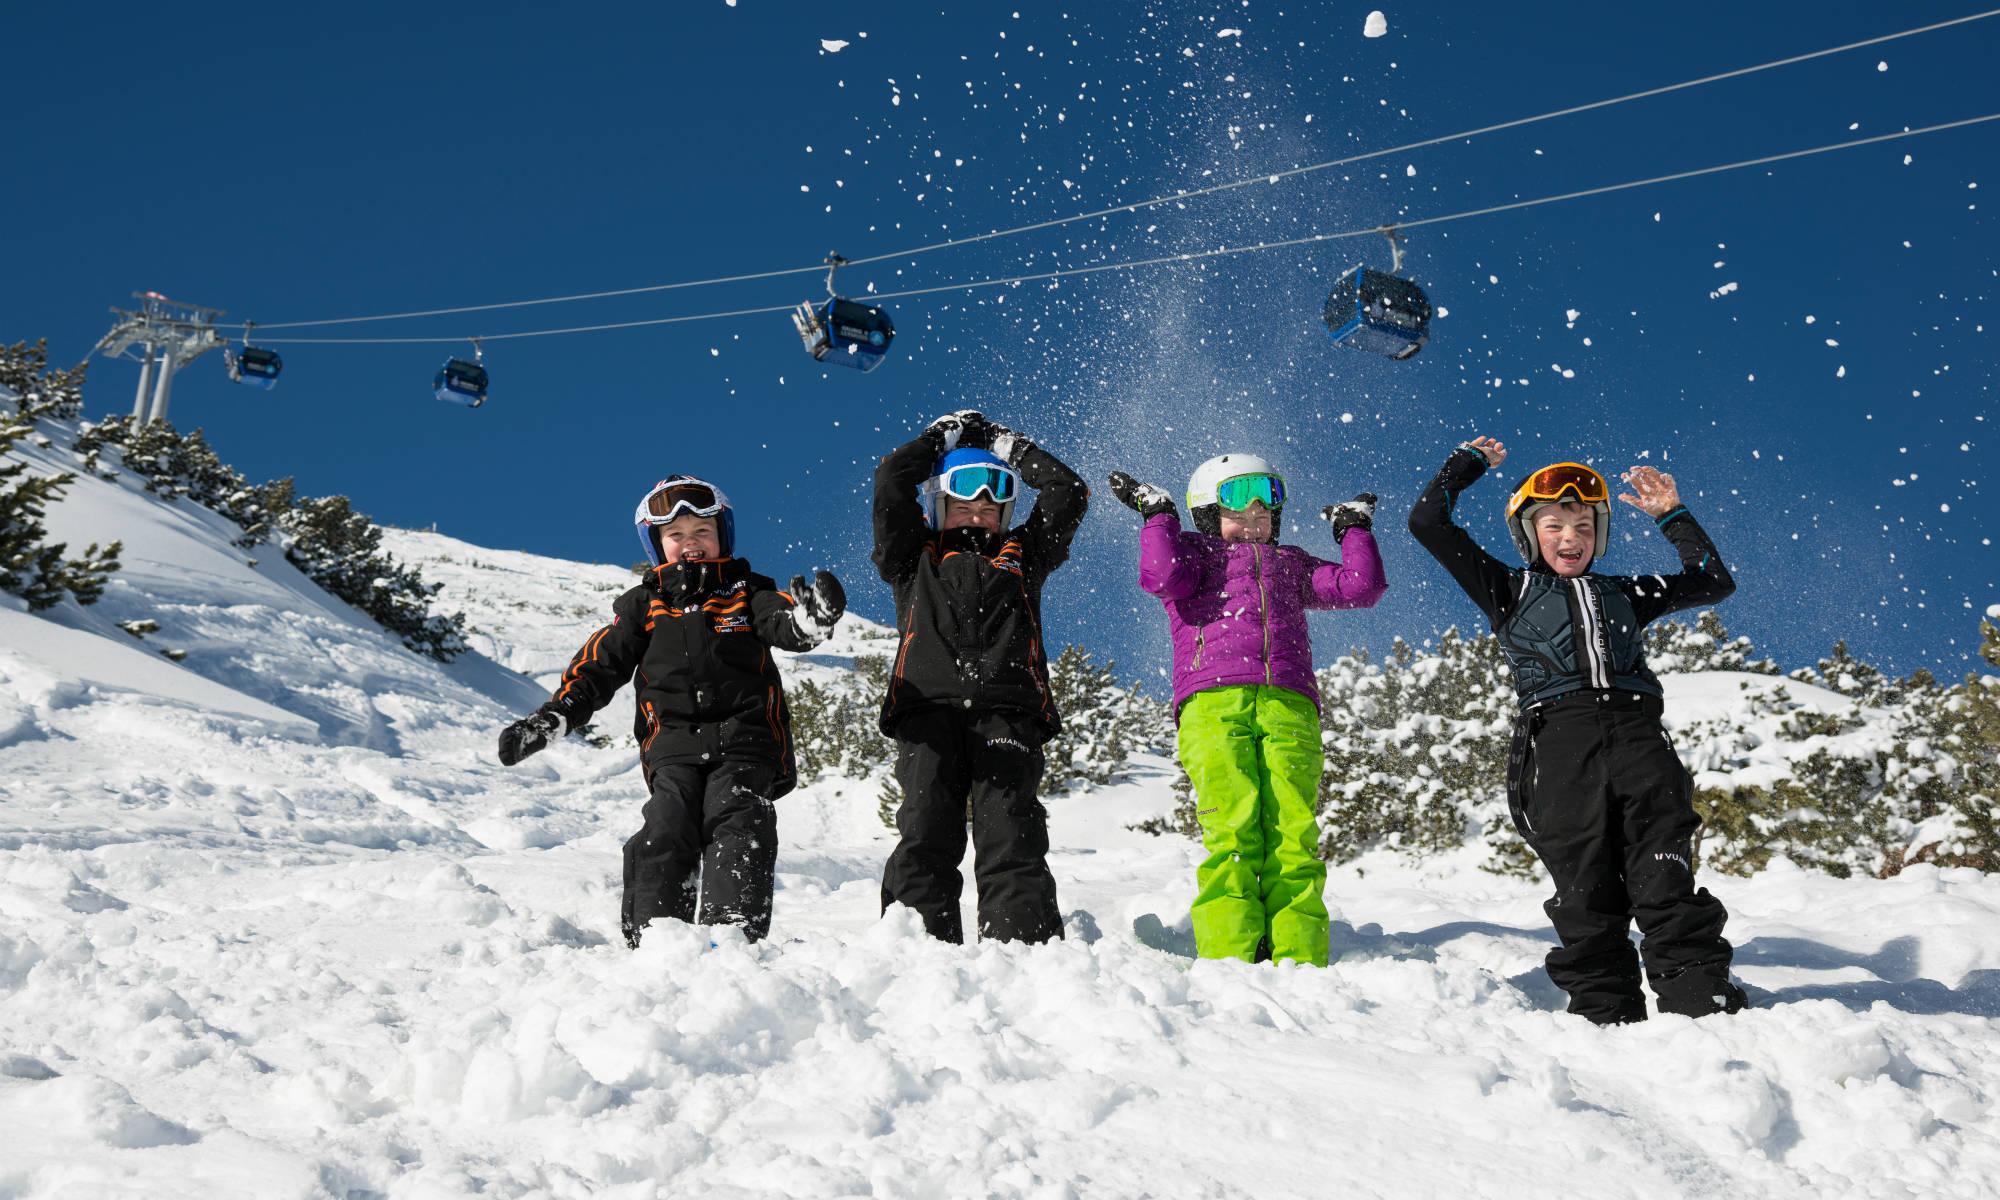 4 kinderen spelen in de sneeuw van Lermoos met de skilift op de achtergrond.